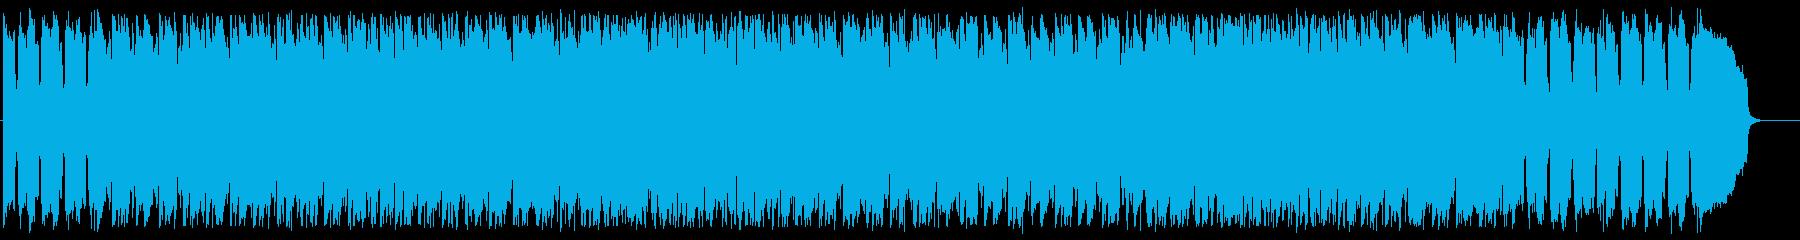 アップテンポで軽快なリズムのBGMの再生済みの波形